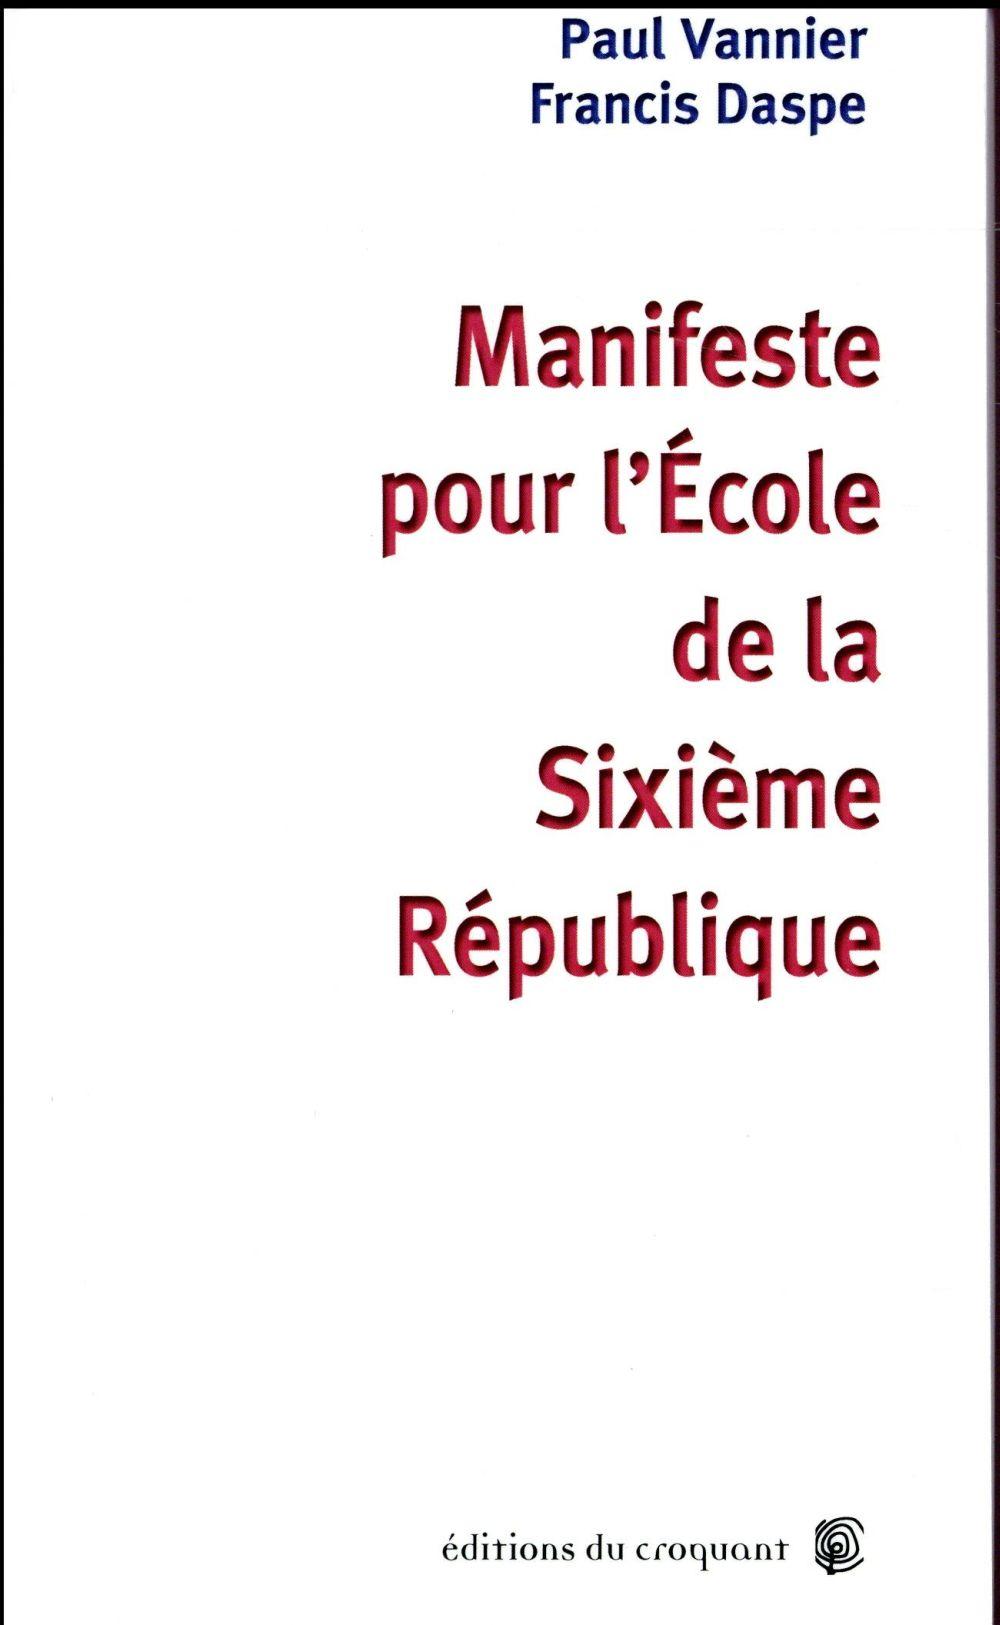 MANIFESTE POUR L ECOLE DE LA SIXIEME REPUBLIQUE